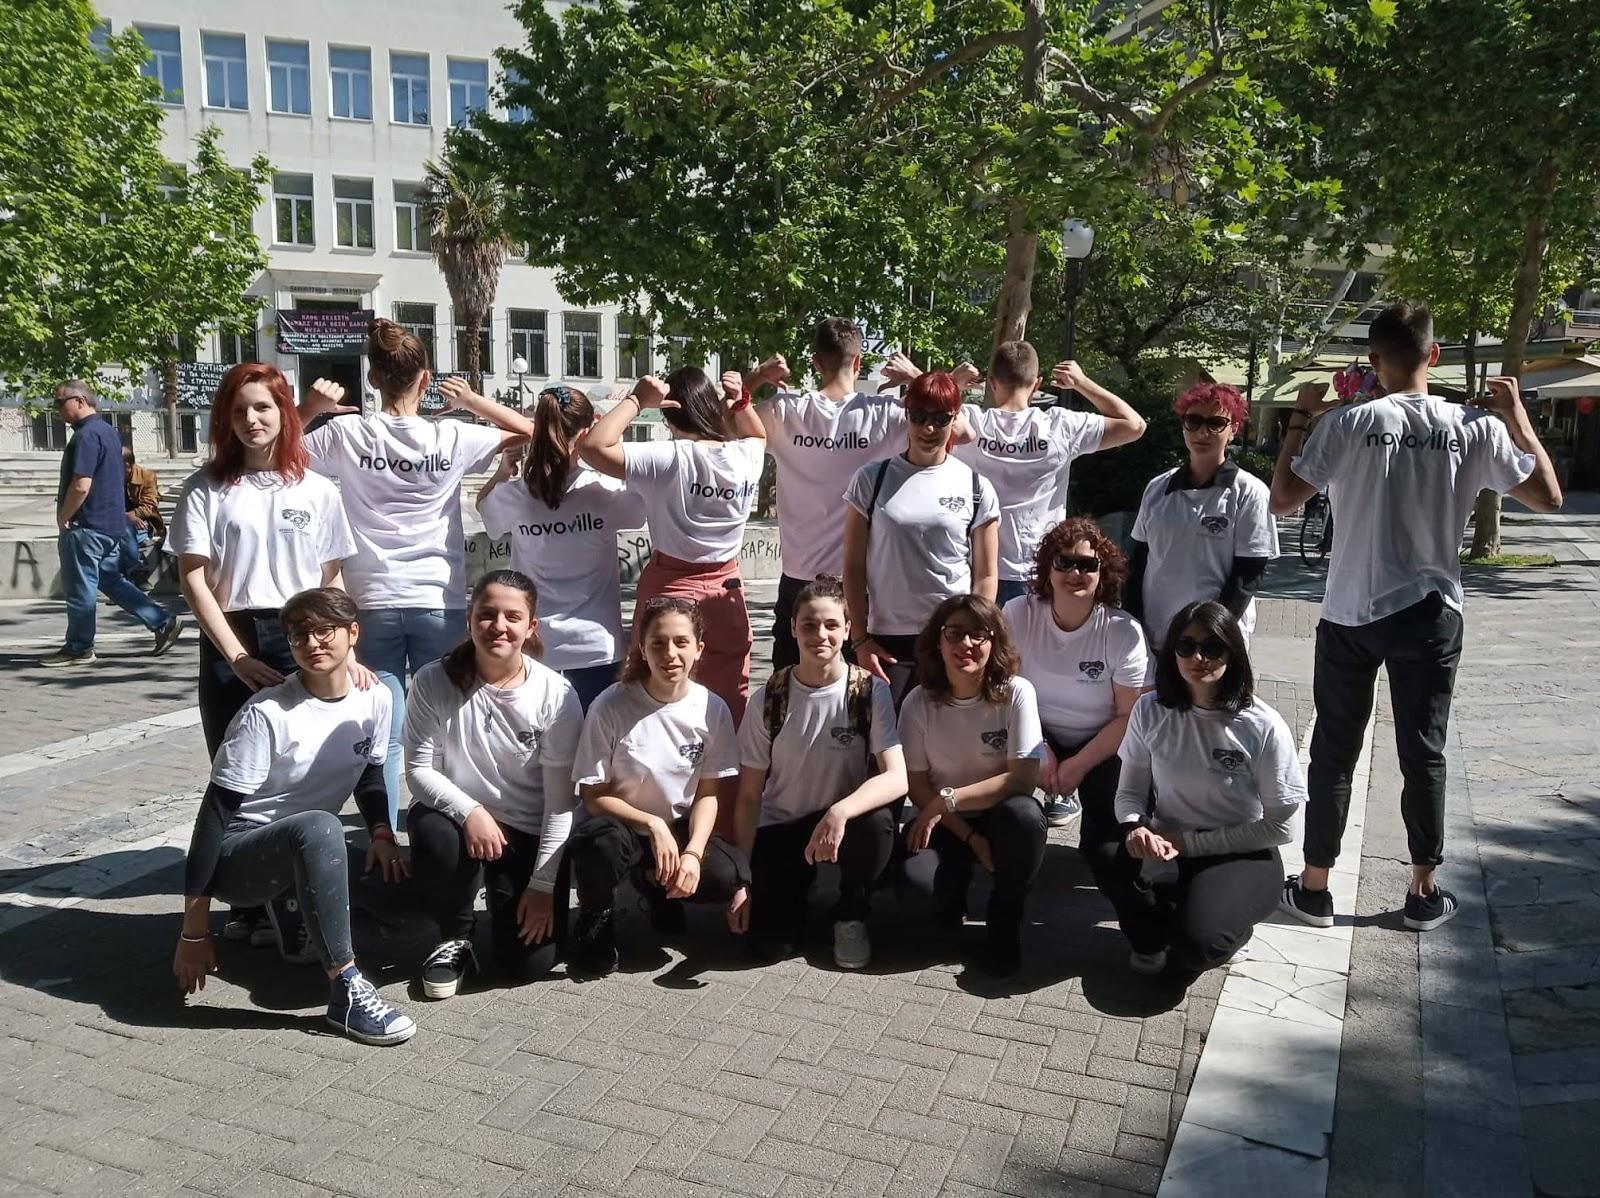 Ενημέρωση για το Γραφείο Πολιτών και την εφαρμογή Νovoville από τον Δήμο Λαρισαίων